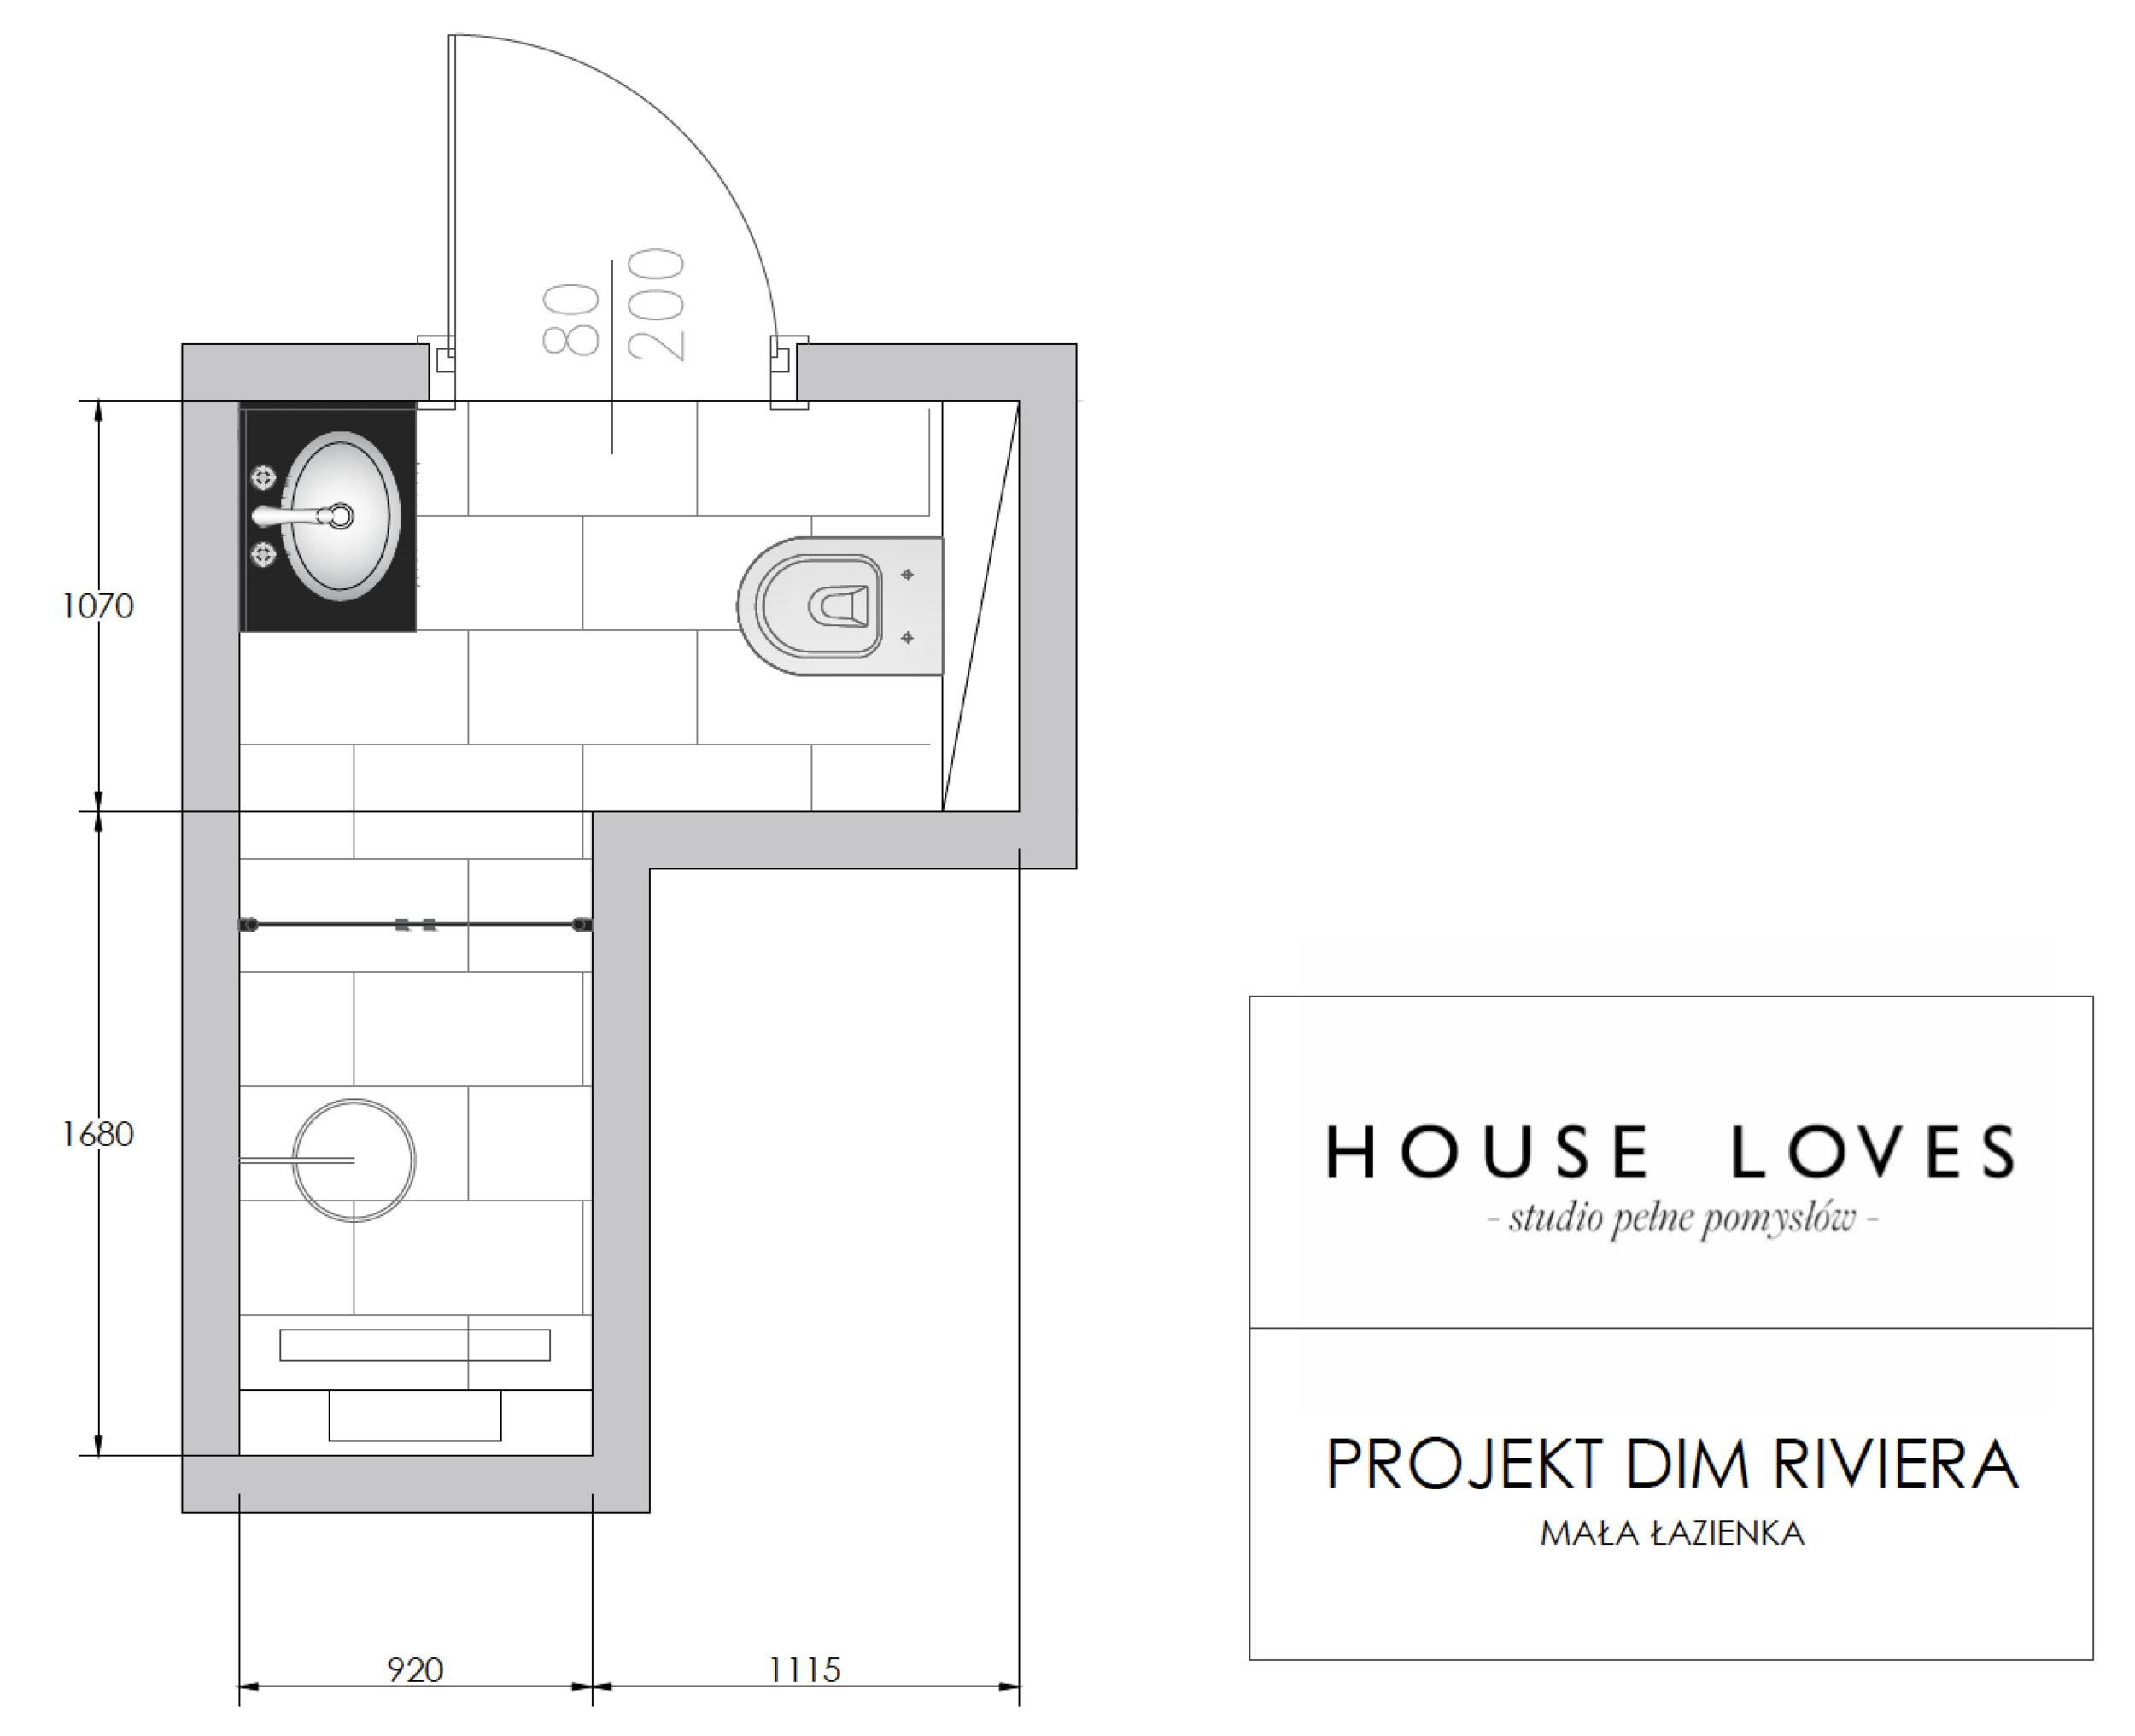 projekt-DIM-RIVIERA-mała-łazienka-układ funkcjonalny.png